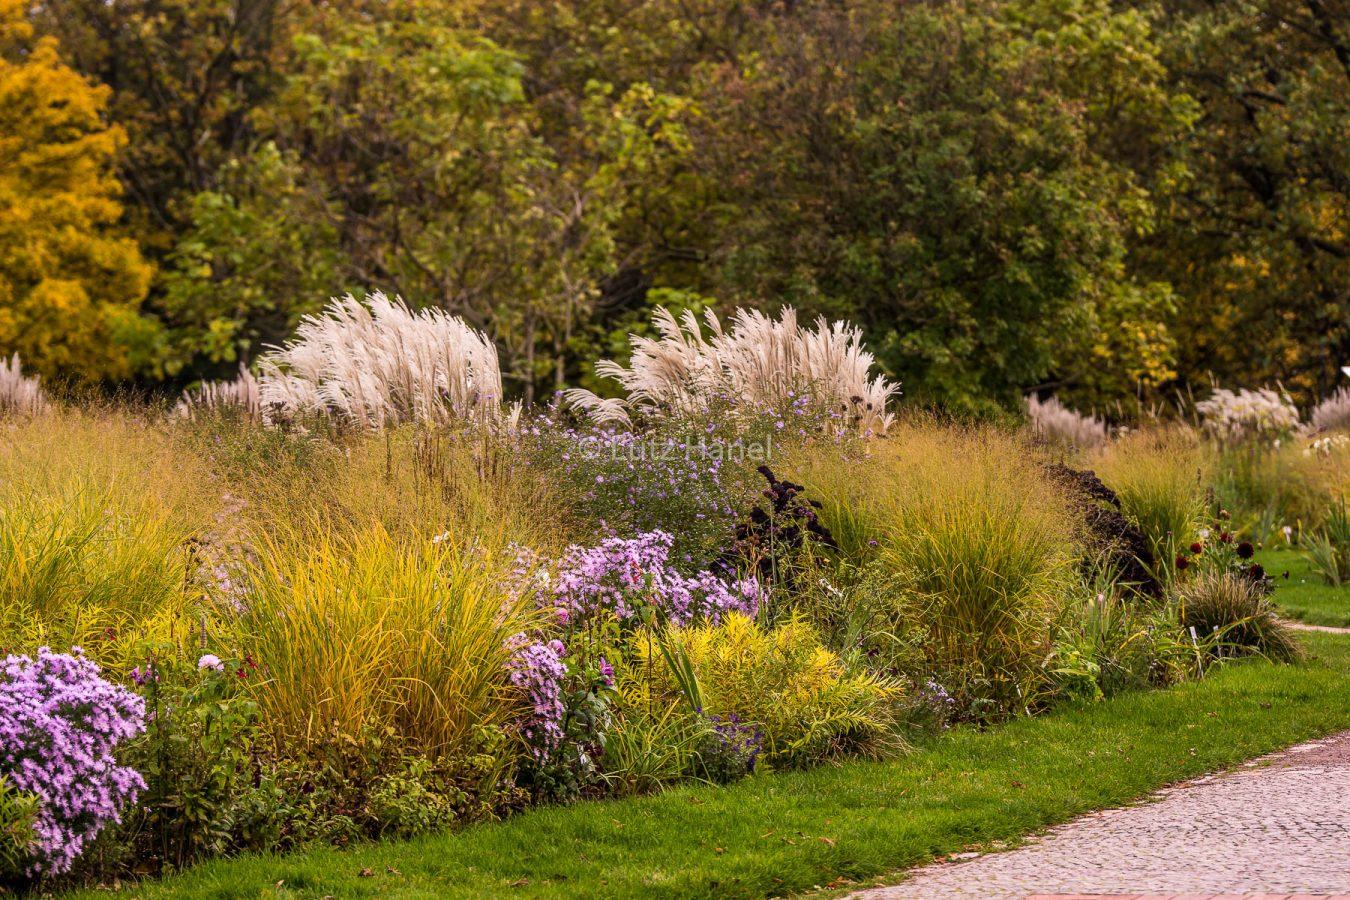 Herbstliche Stimmung in diesen herlichen Garten